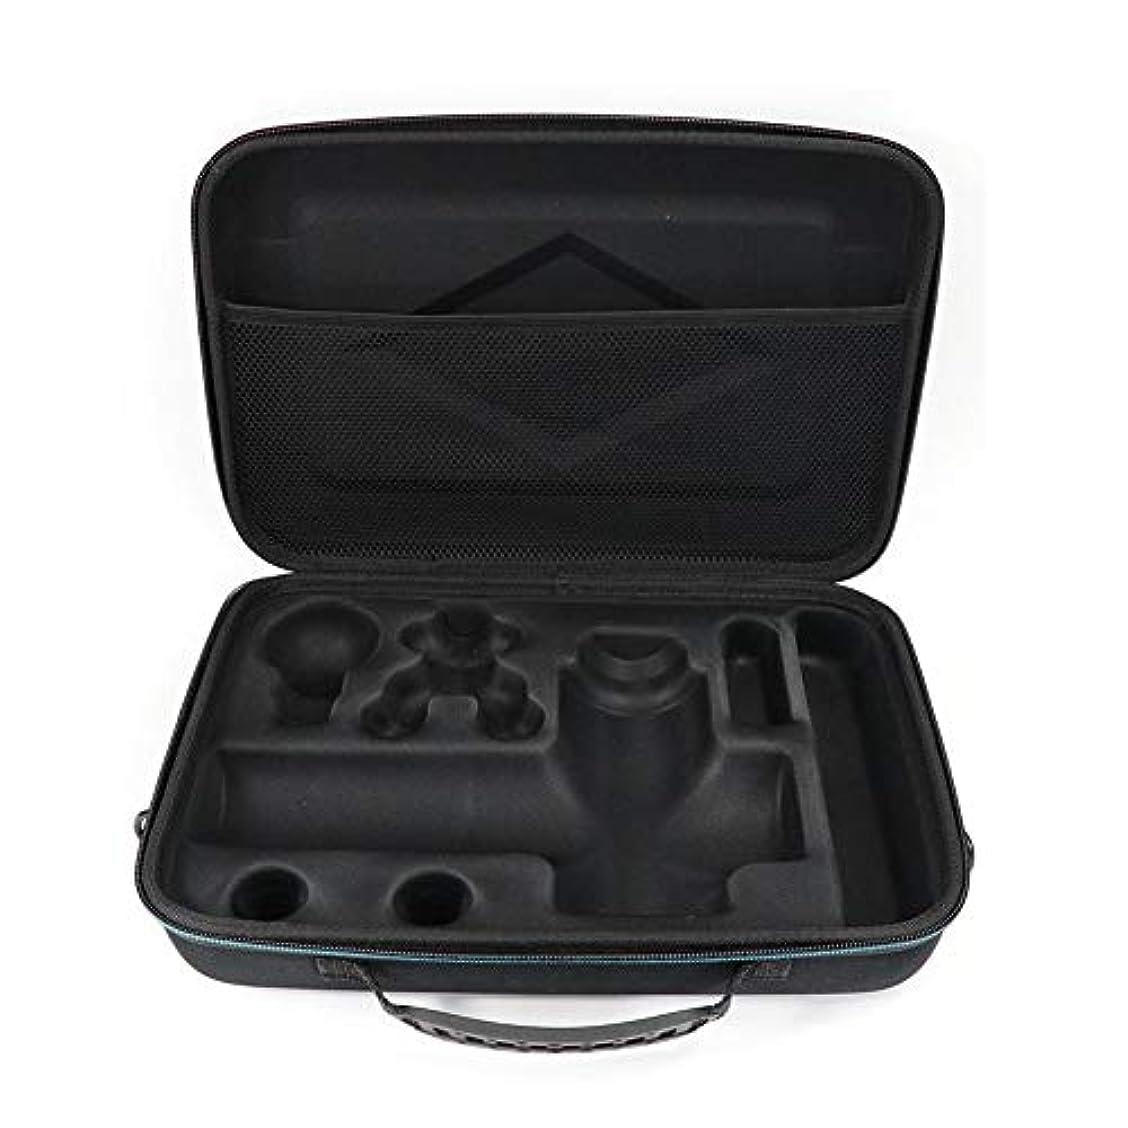 課税軌道南東Hyperice Hypervolt 2筋膜マッサージ用収納ボックスポータブルキャリングケースバッグ